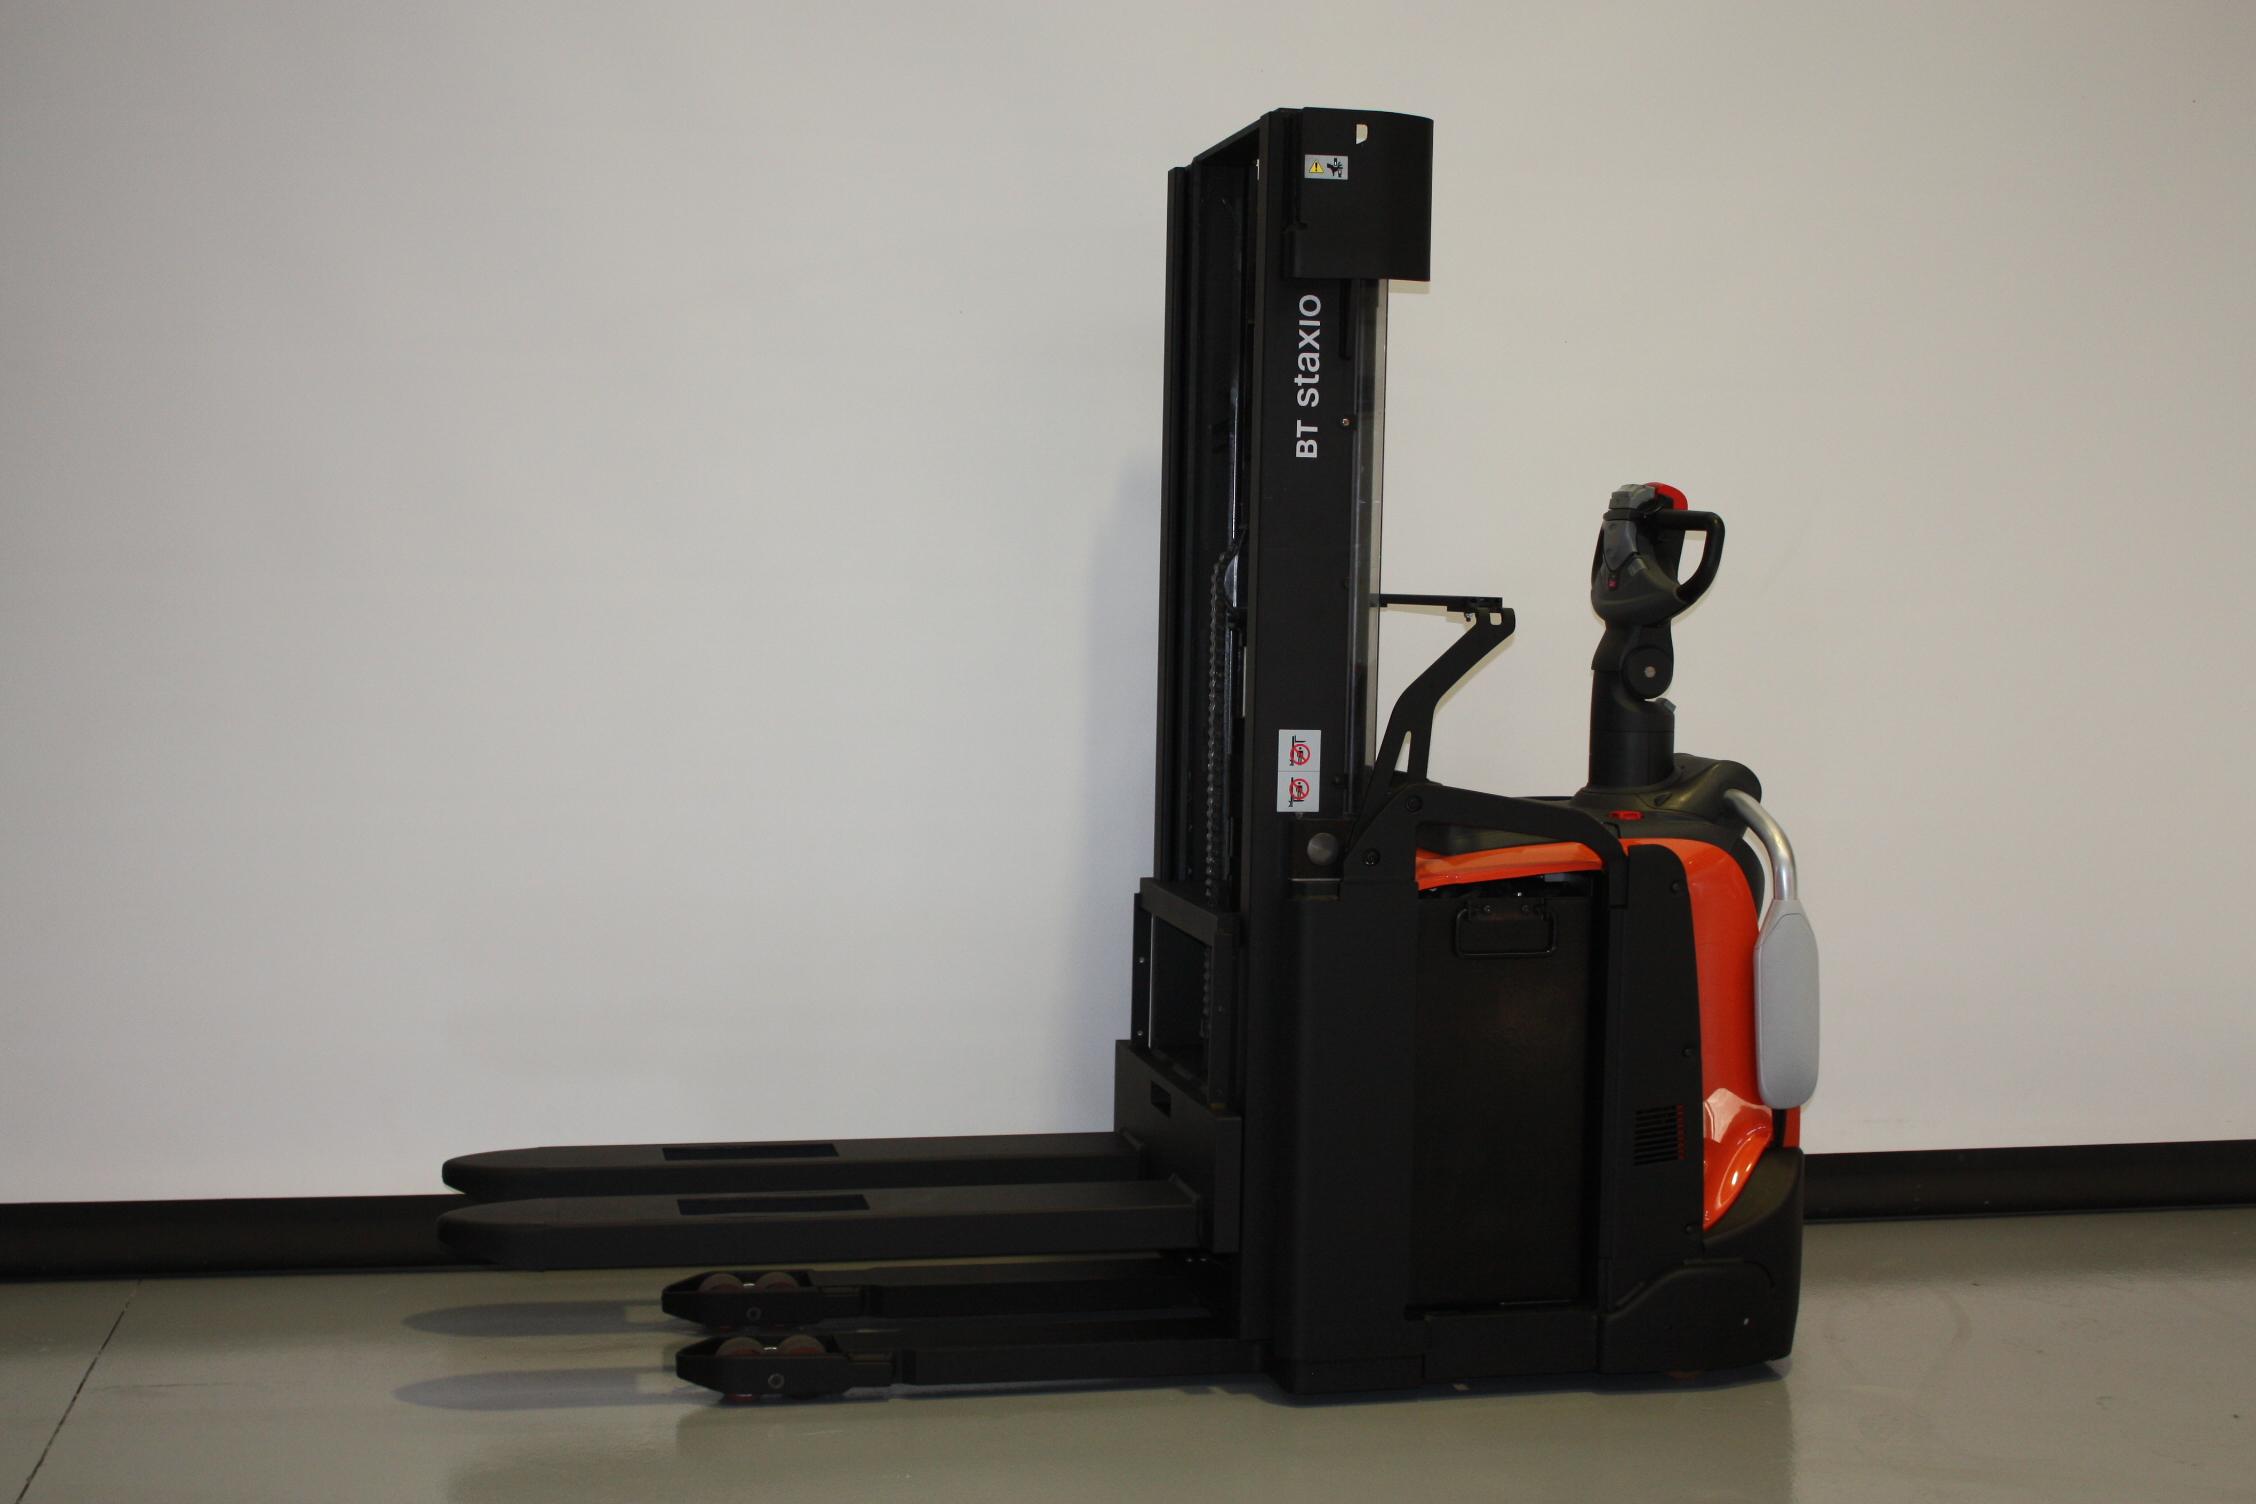 Toyota-Gabelstapler-59840 1711030881 1 40